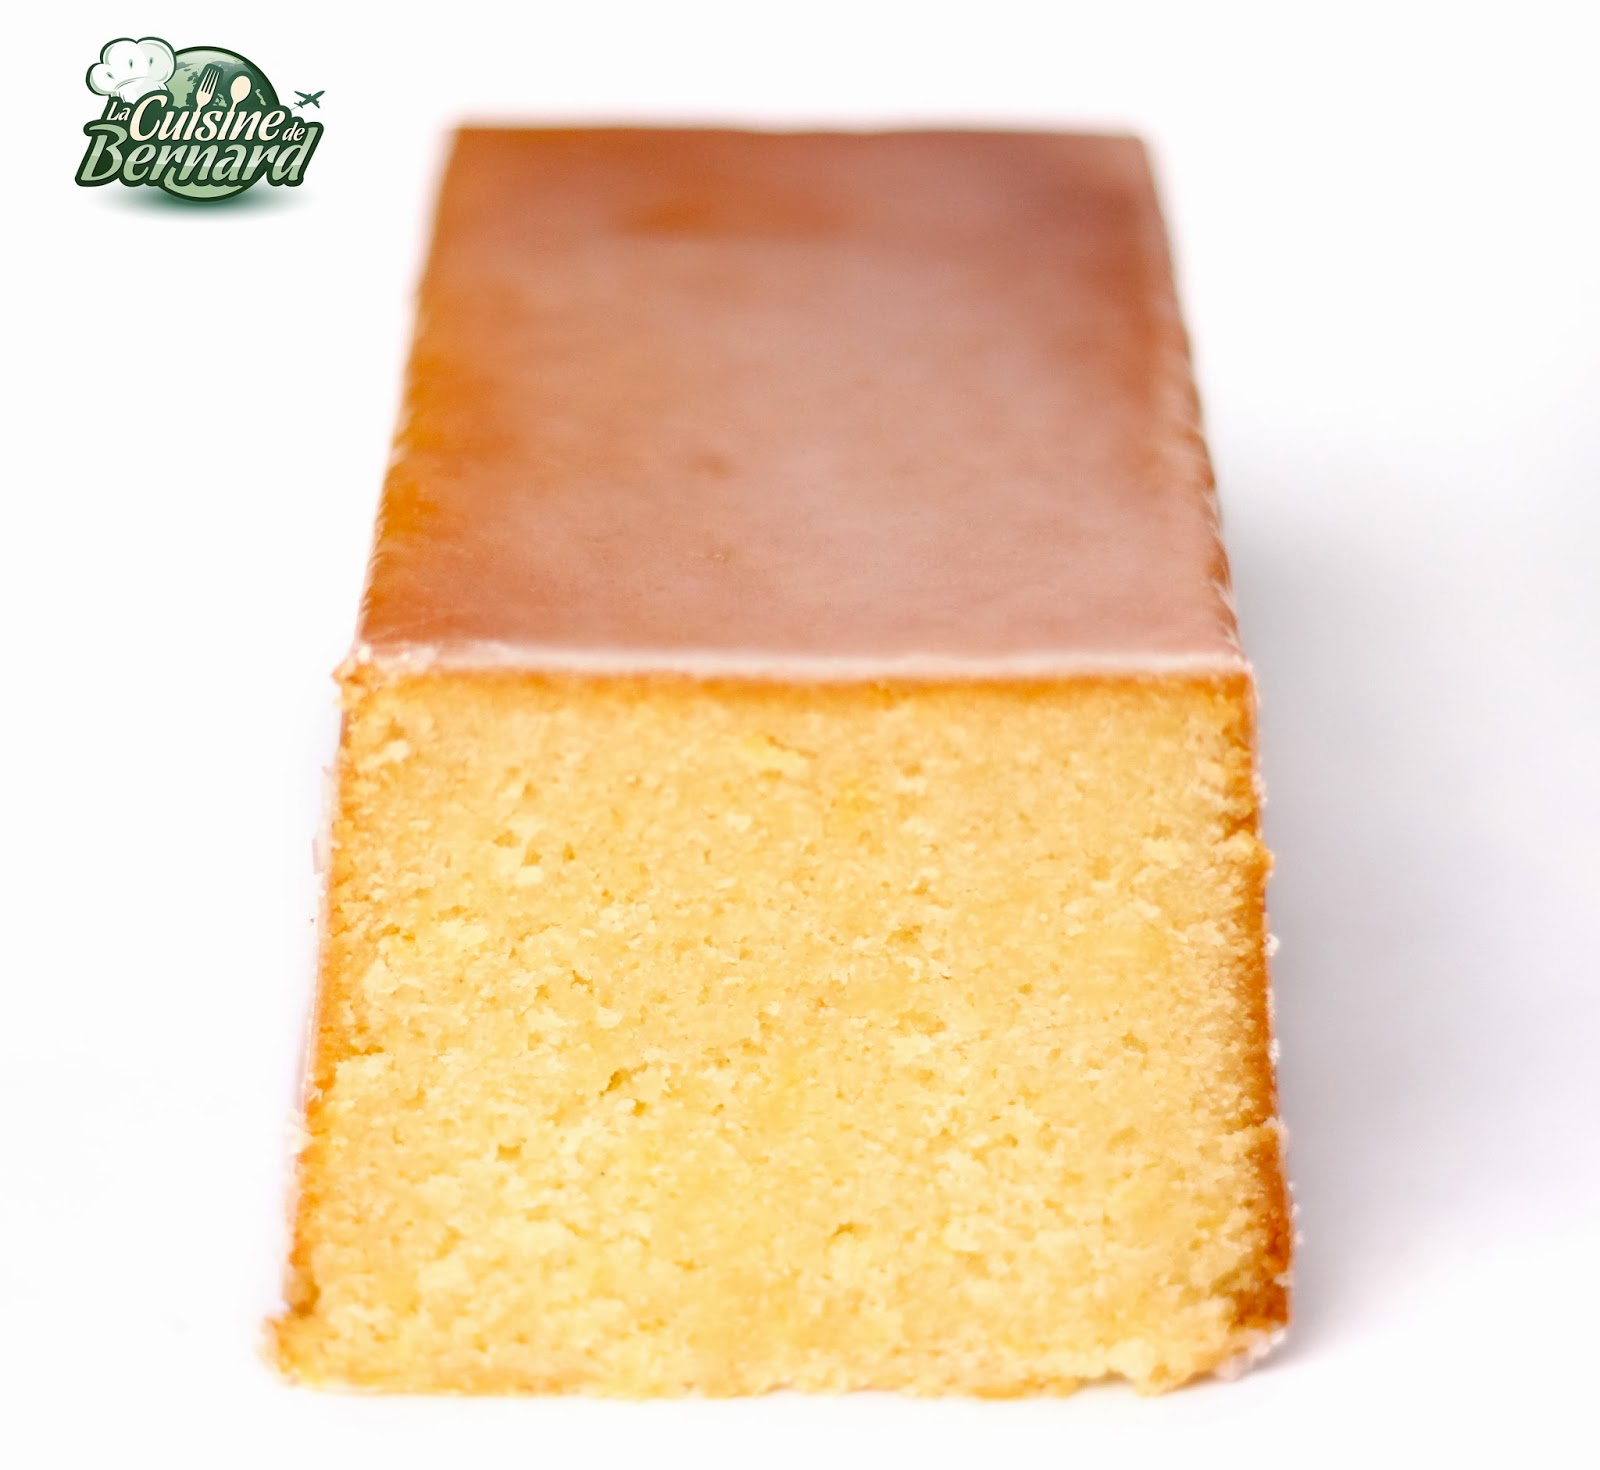 cuisine de bernard cake citron